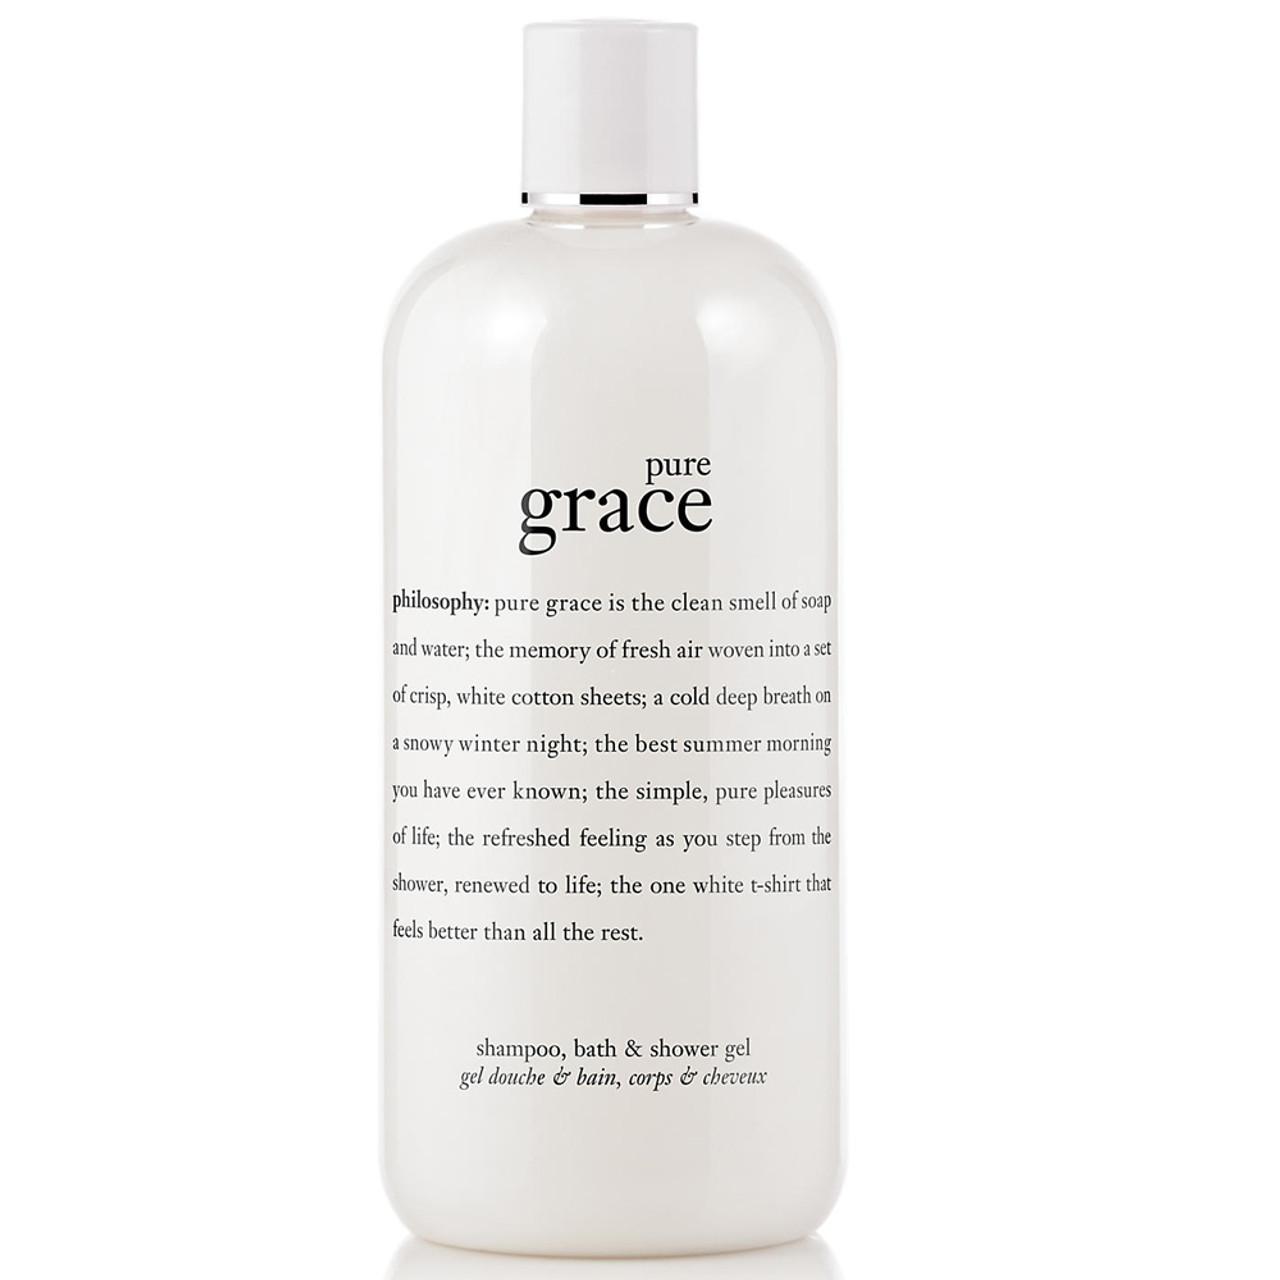 philosophy Pure Grace Shower Gel